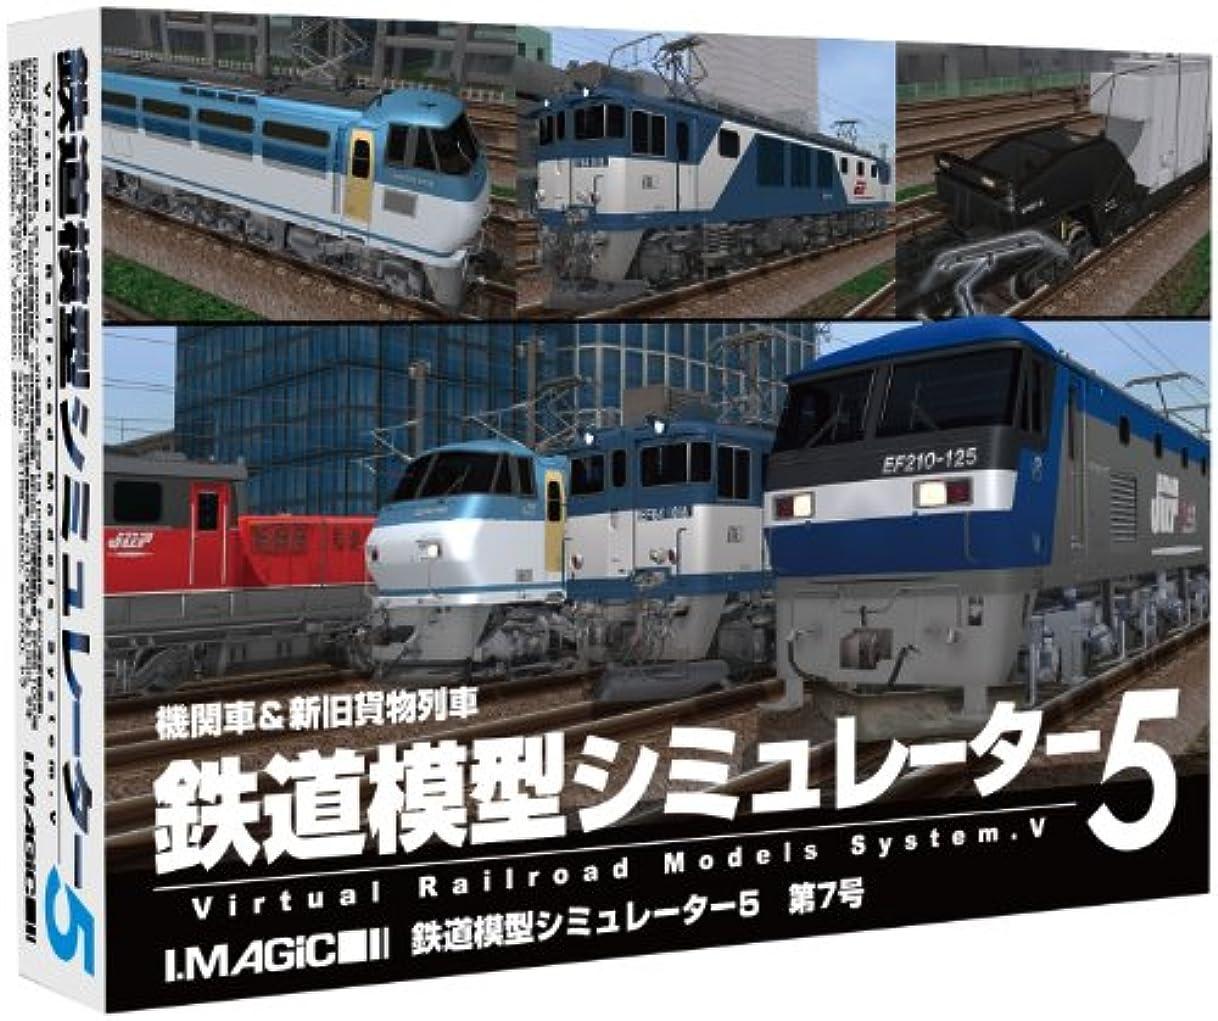 力学チップ信念鉄道模型シミュレーター5 第7号